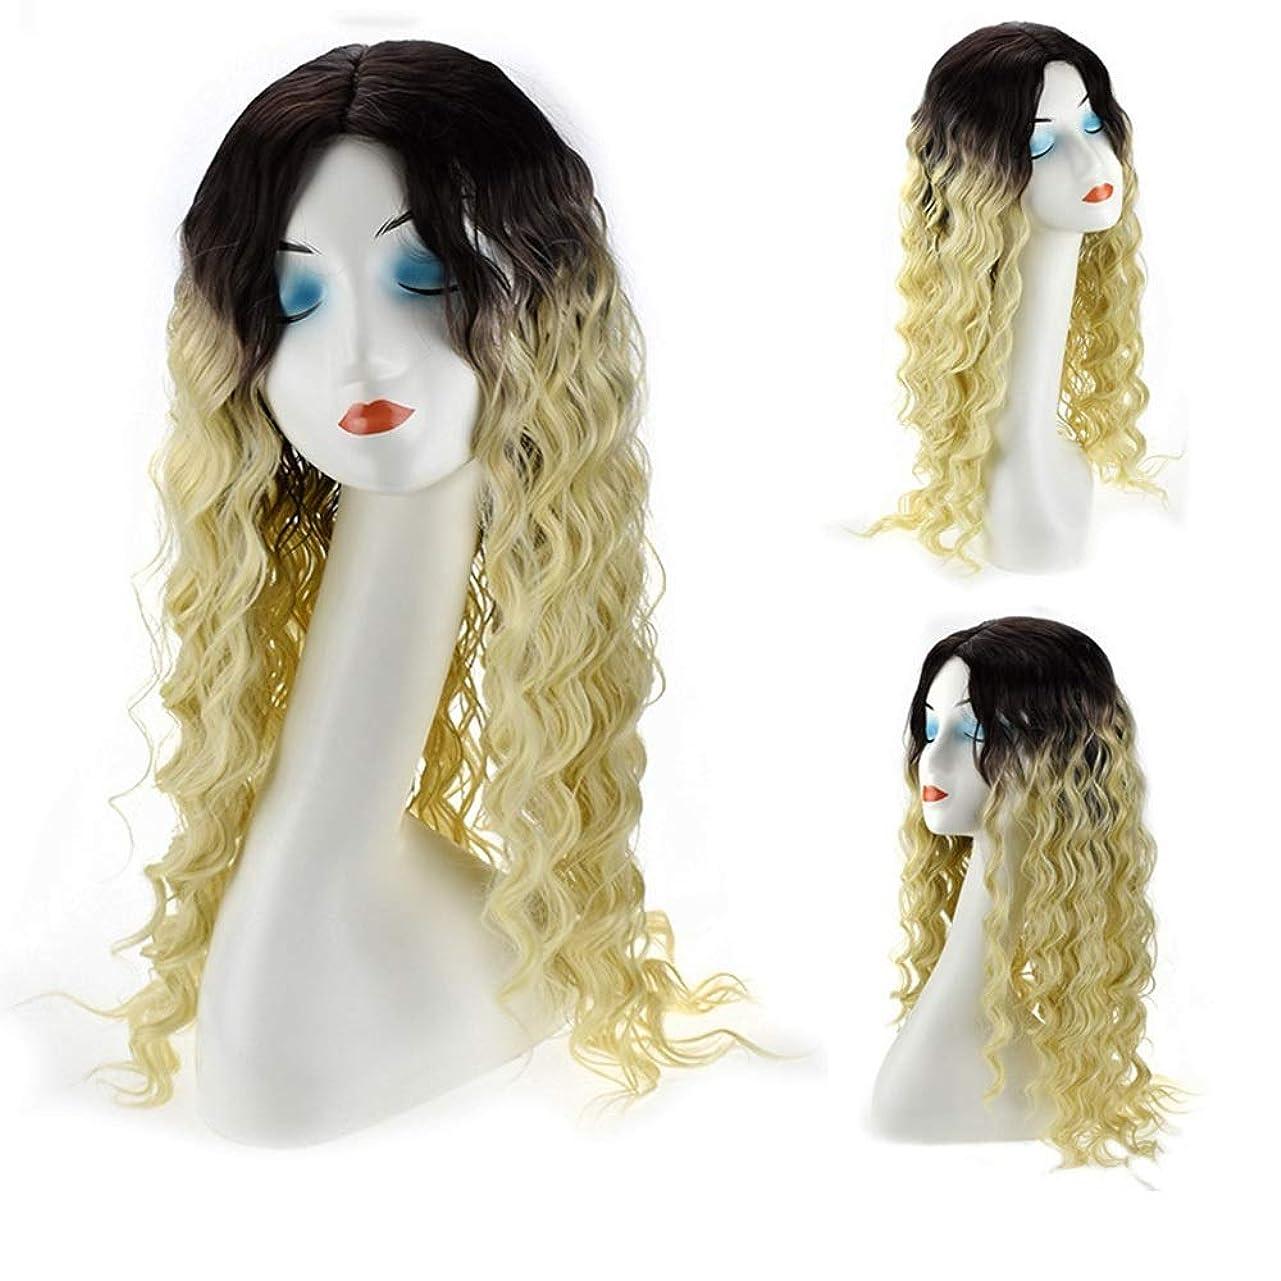 肘掛け椅子みがきます交渉するYESONEEP ブロンドの深い波長い髪のグラデーションカラーの女性長い巻き毛のかつら耐熱ファイバーパーティーかつら (色 : Blonde)